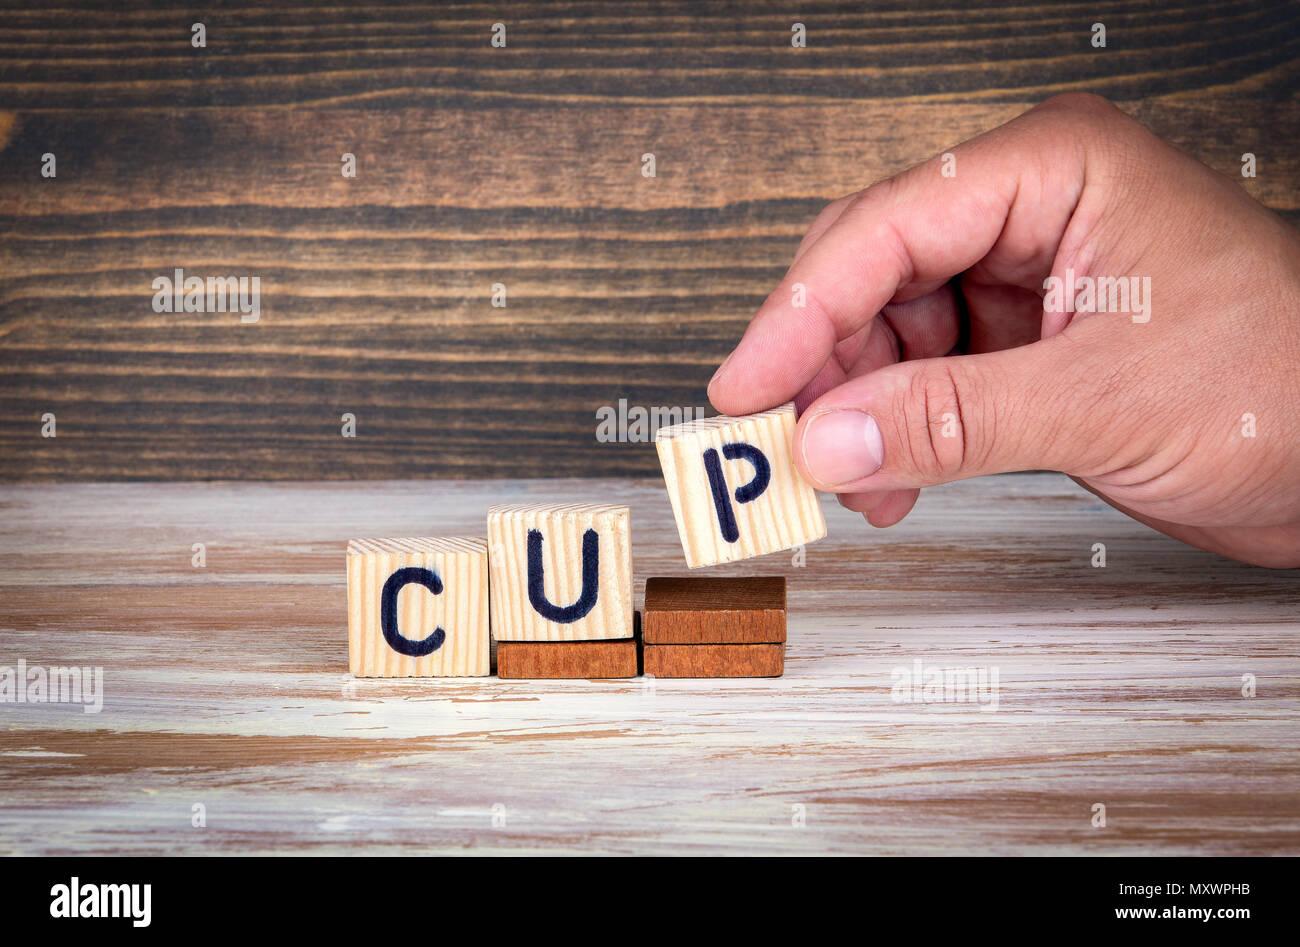 Cup. Competizioni sportive, il successo sul lavoro o realizzazioni in materia di formazione Immagini Stock